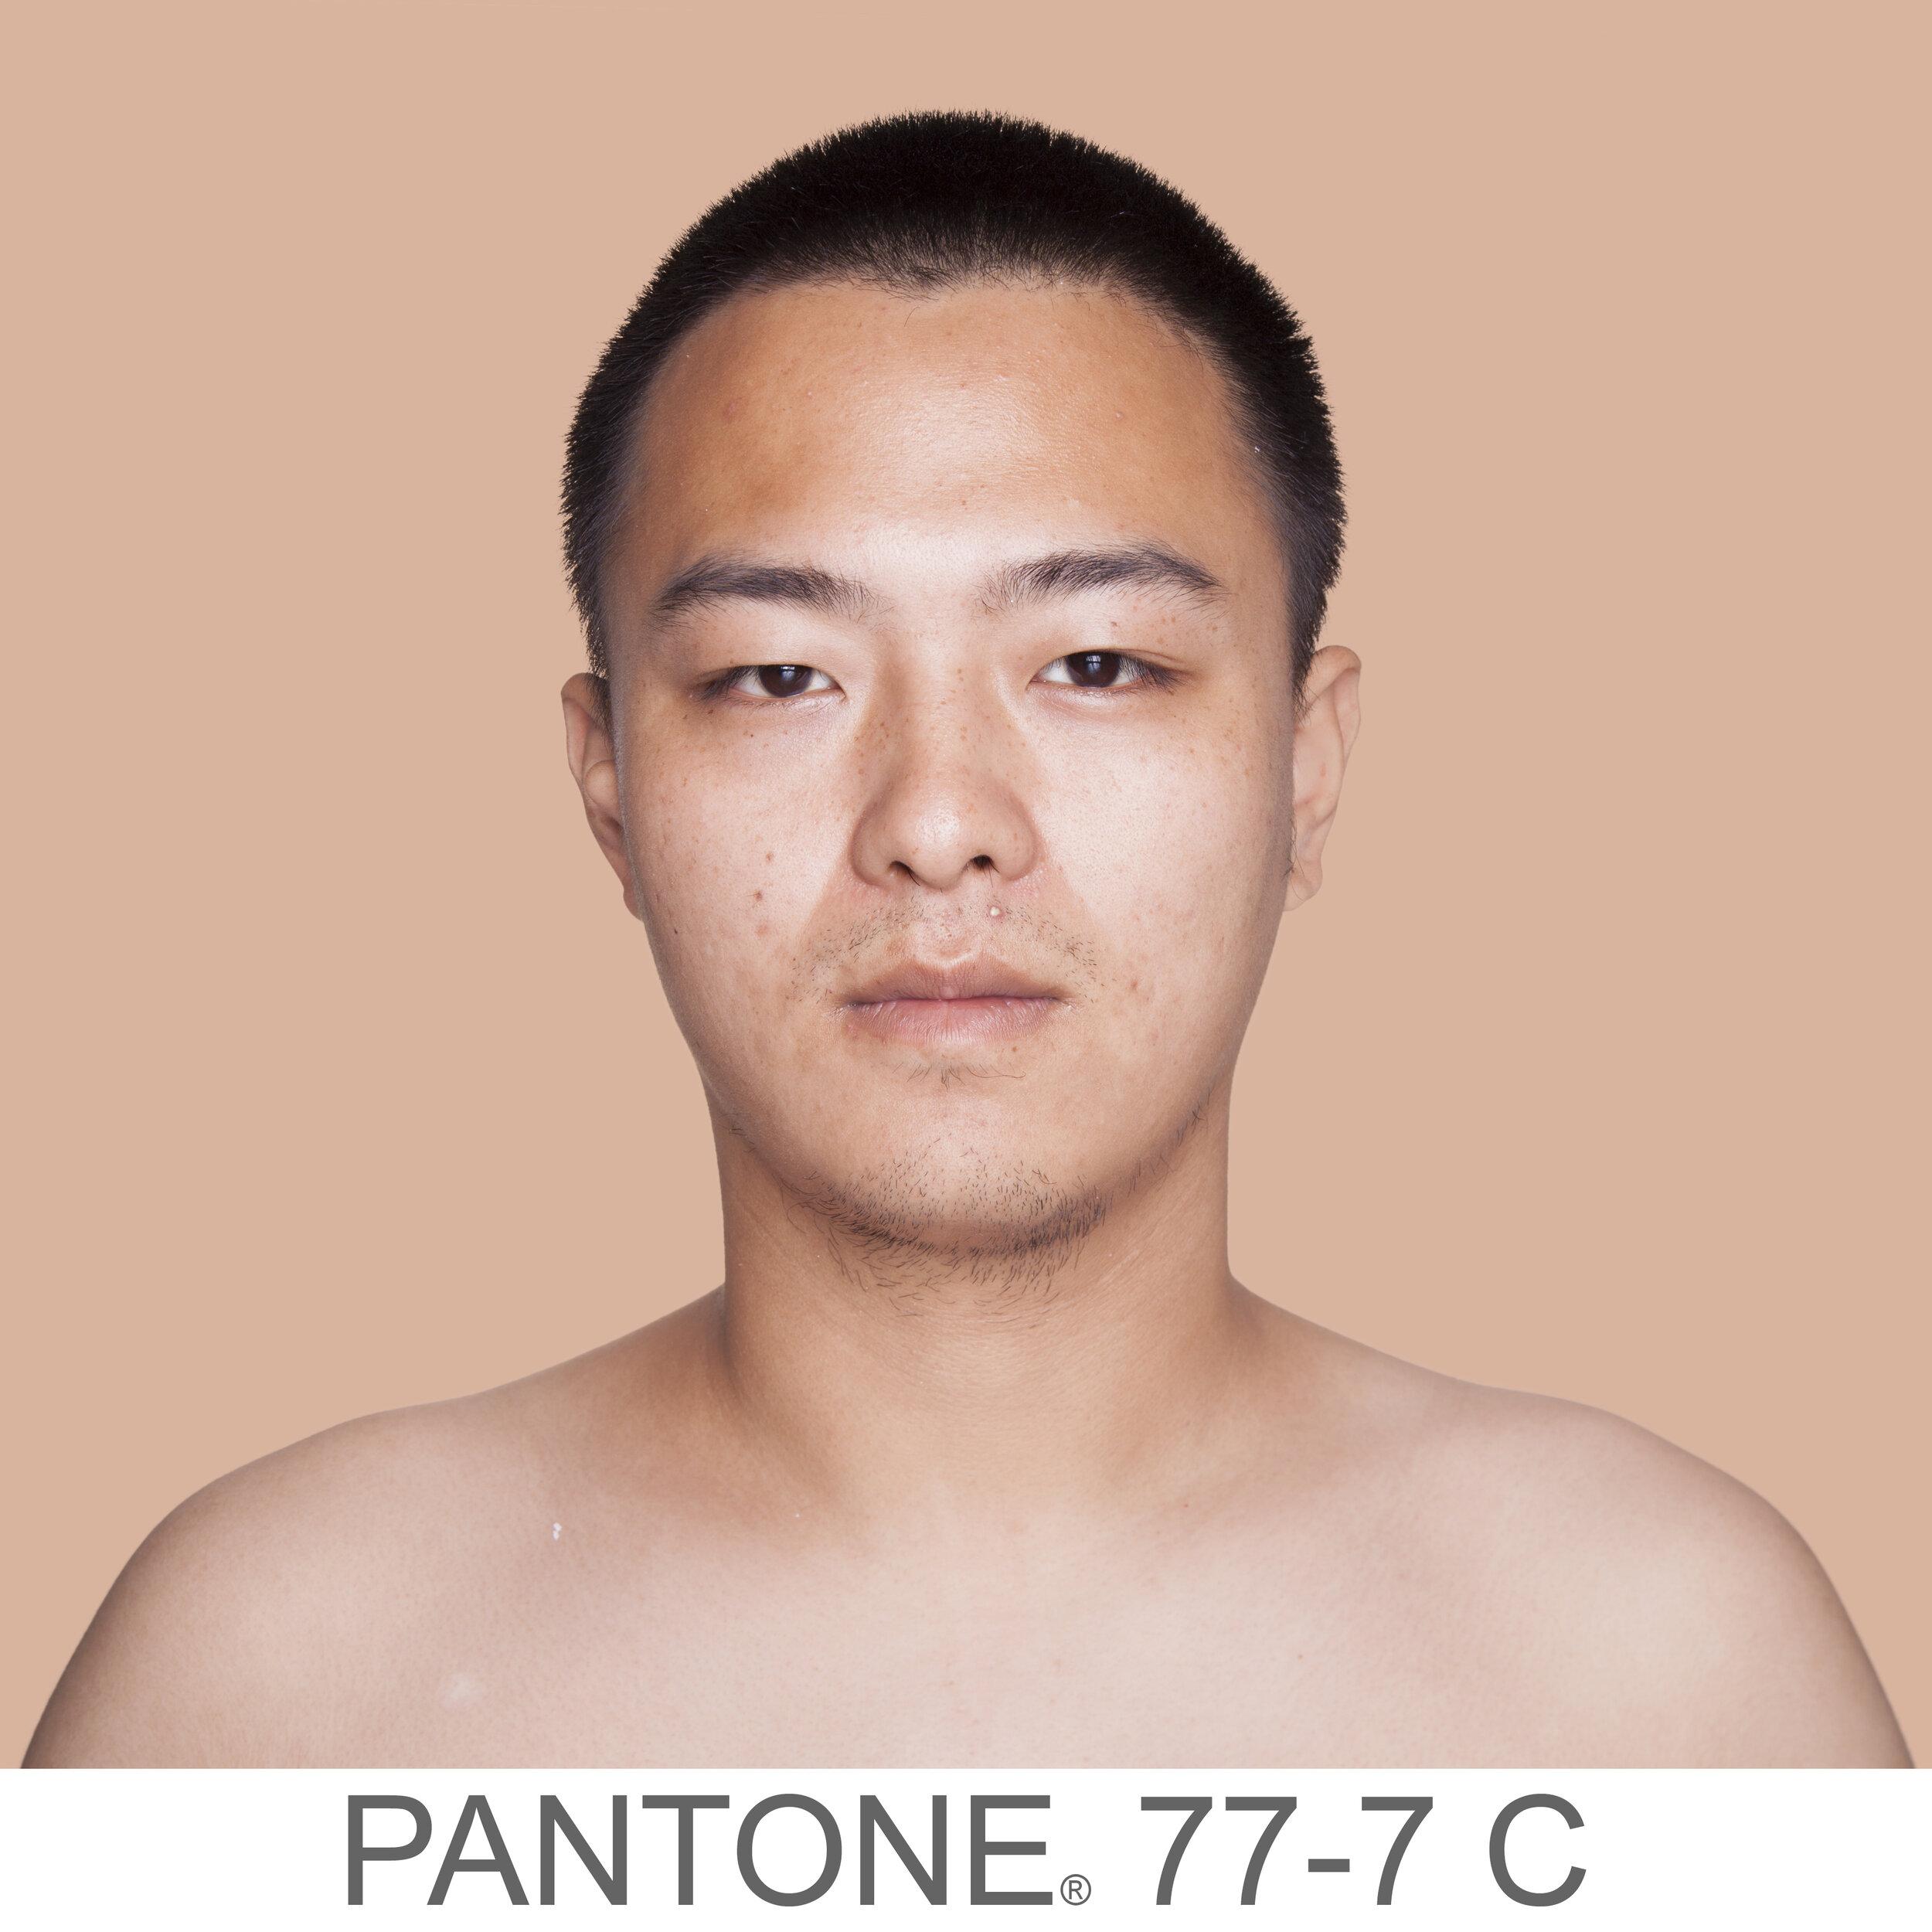 humanae 77-7 C1 CN copia.jpg